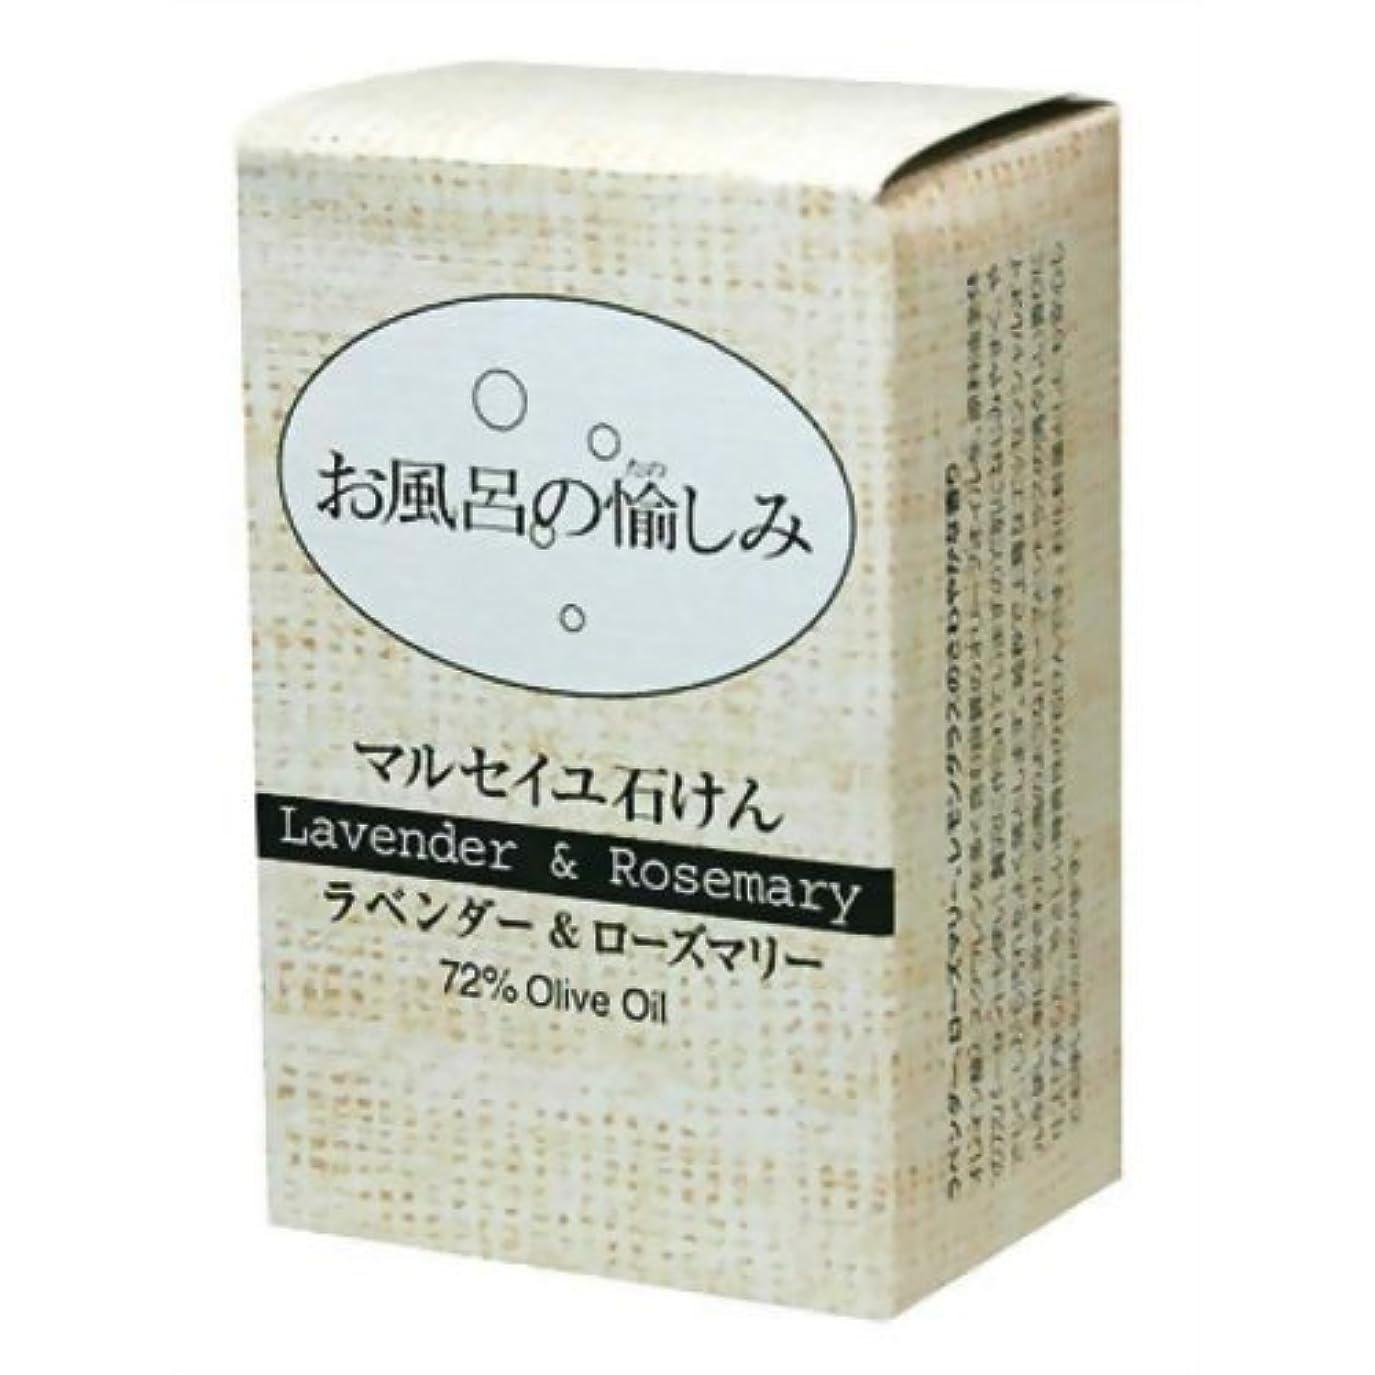 植物学蒸費用お風呂の愉しみ マルセイユ石鹸 ラベンダー&ローズマリー 120g